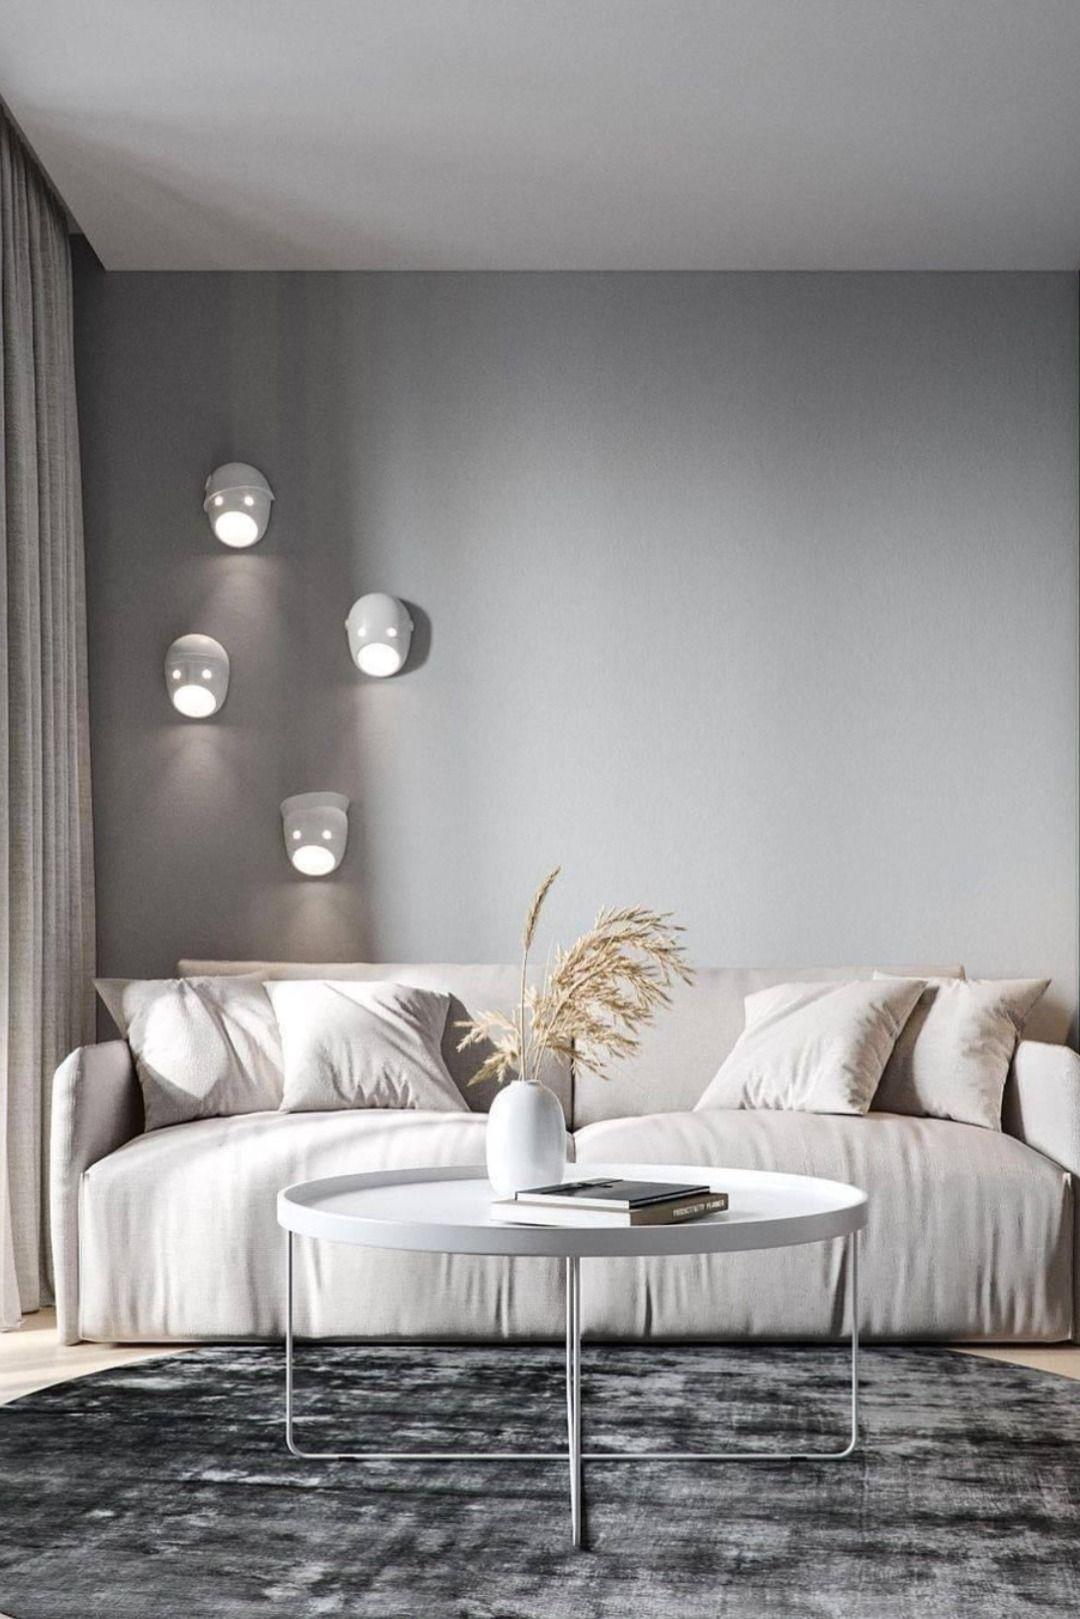 Minimal Living Room Inspiration Minimal Living Room Interior Design Living Room Inspiration Inspiration best living room